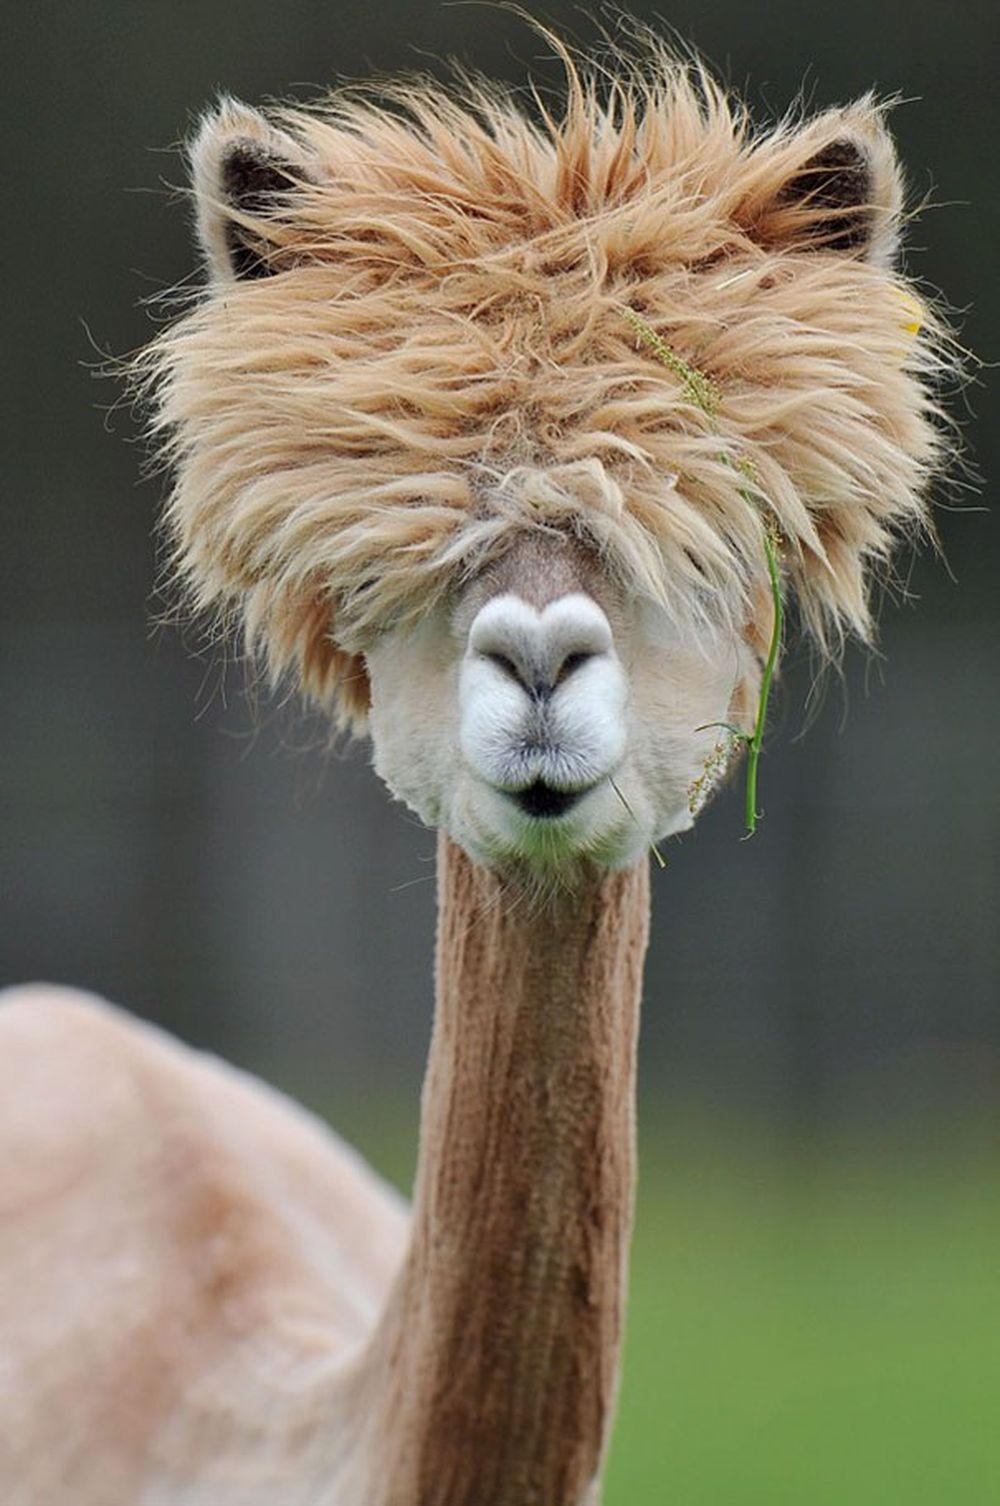 Được đánh giá là một trong những loài động vật đáng yêu nhất thế giới, lạc  đà Alpaca thường xuyên có những pha tạo dáng chụp ảnh hài hước, vui nhộn.